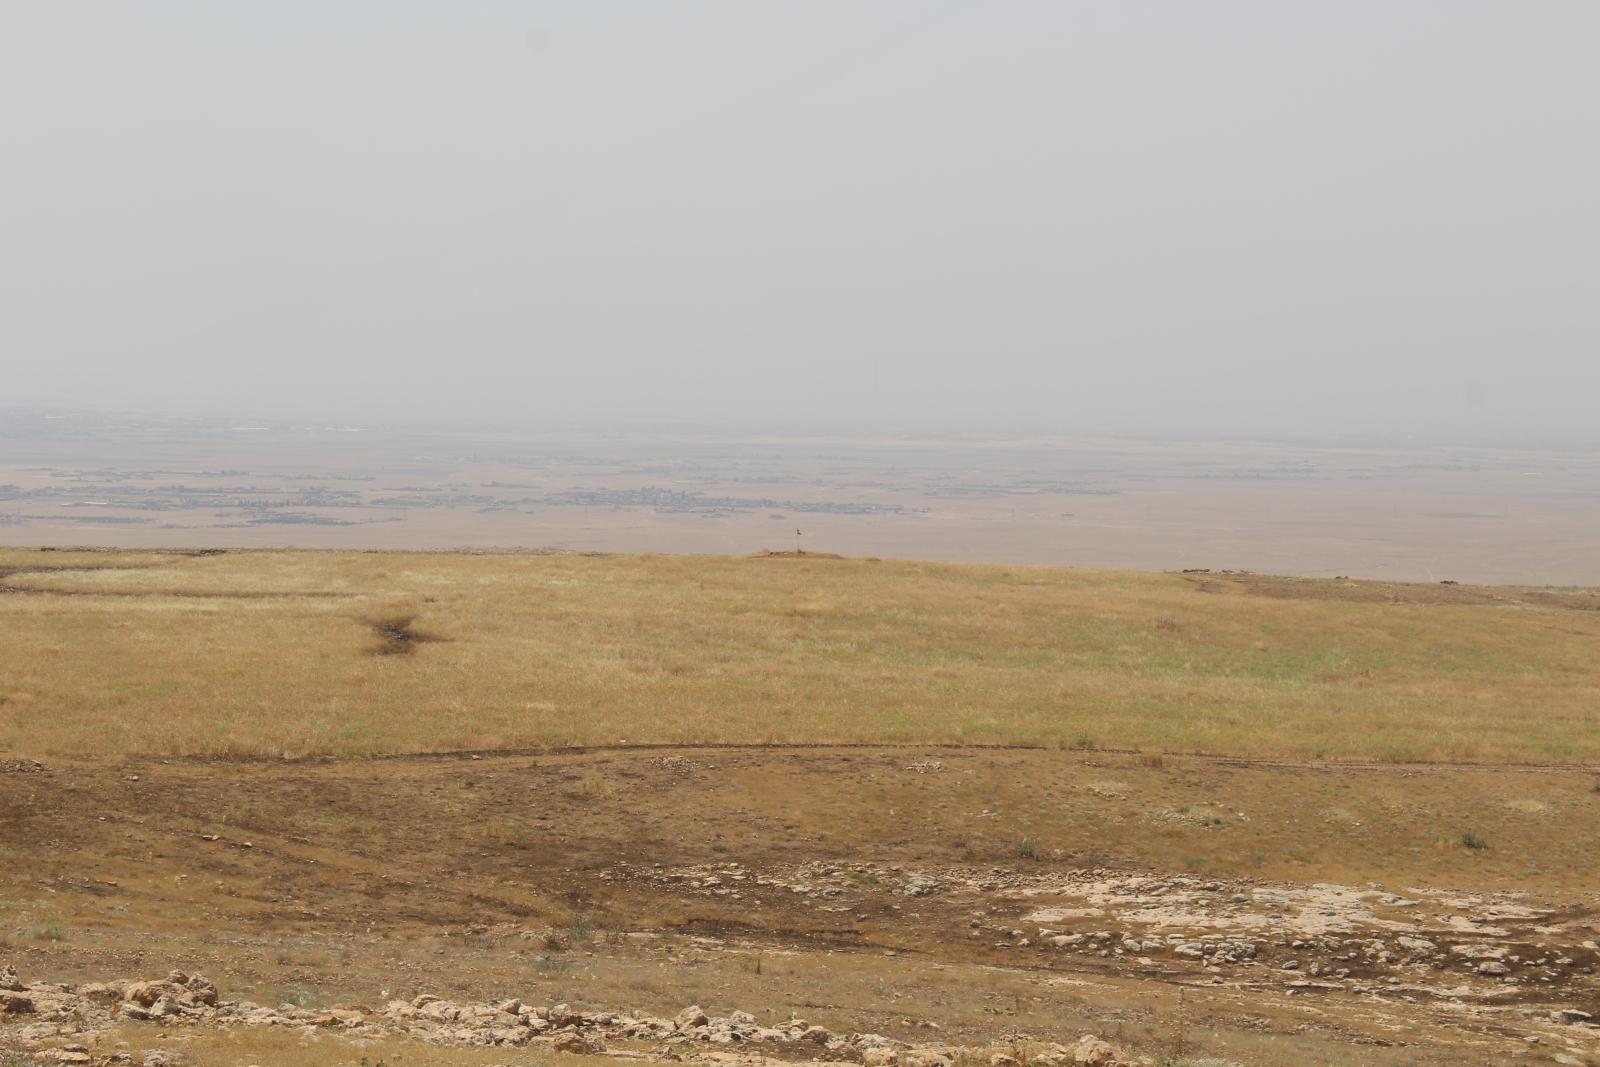 Mosul 5